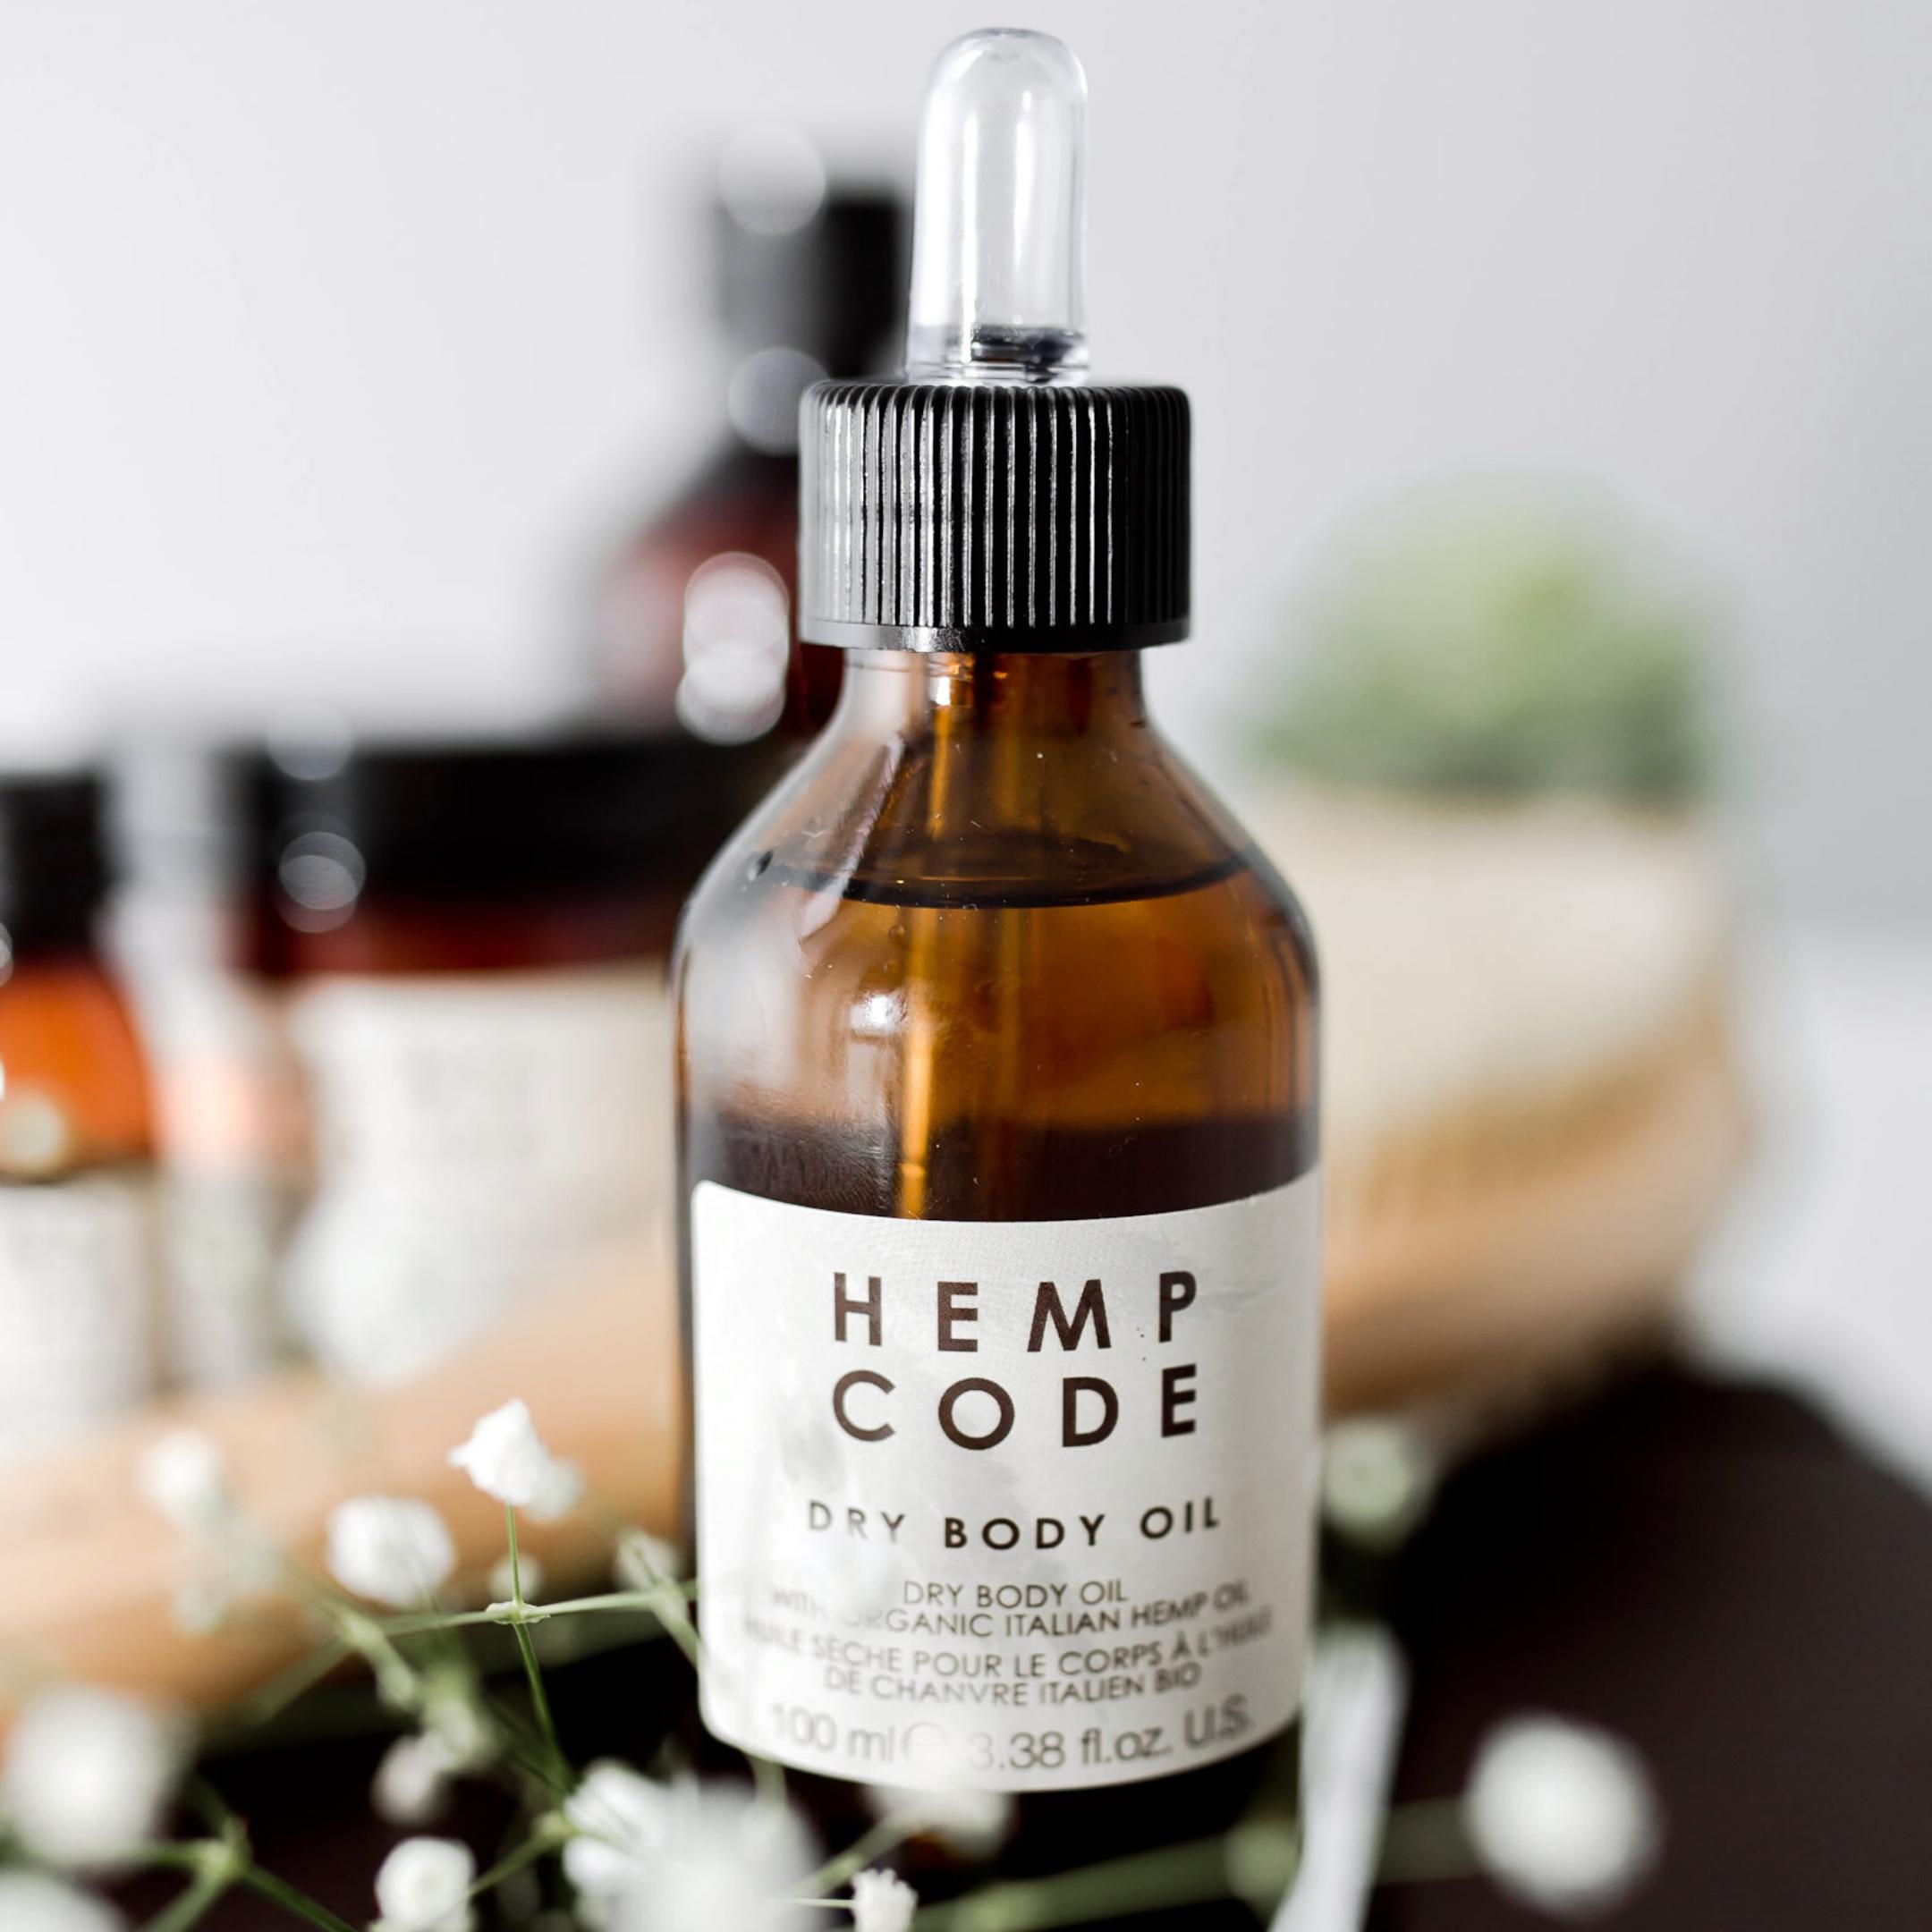 Hemp Code